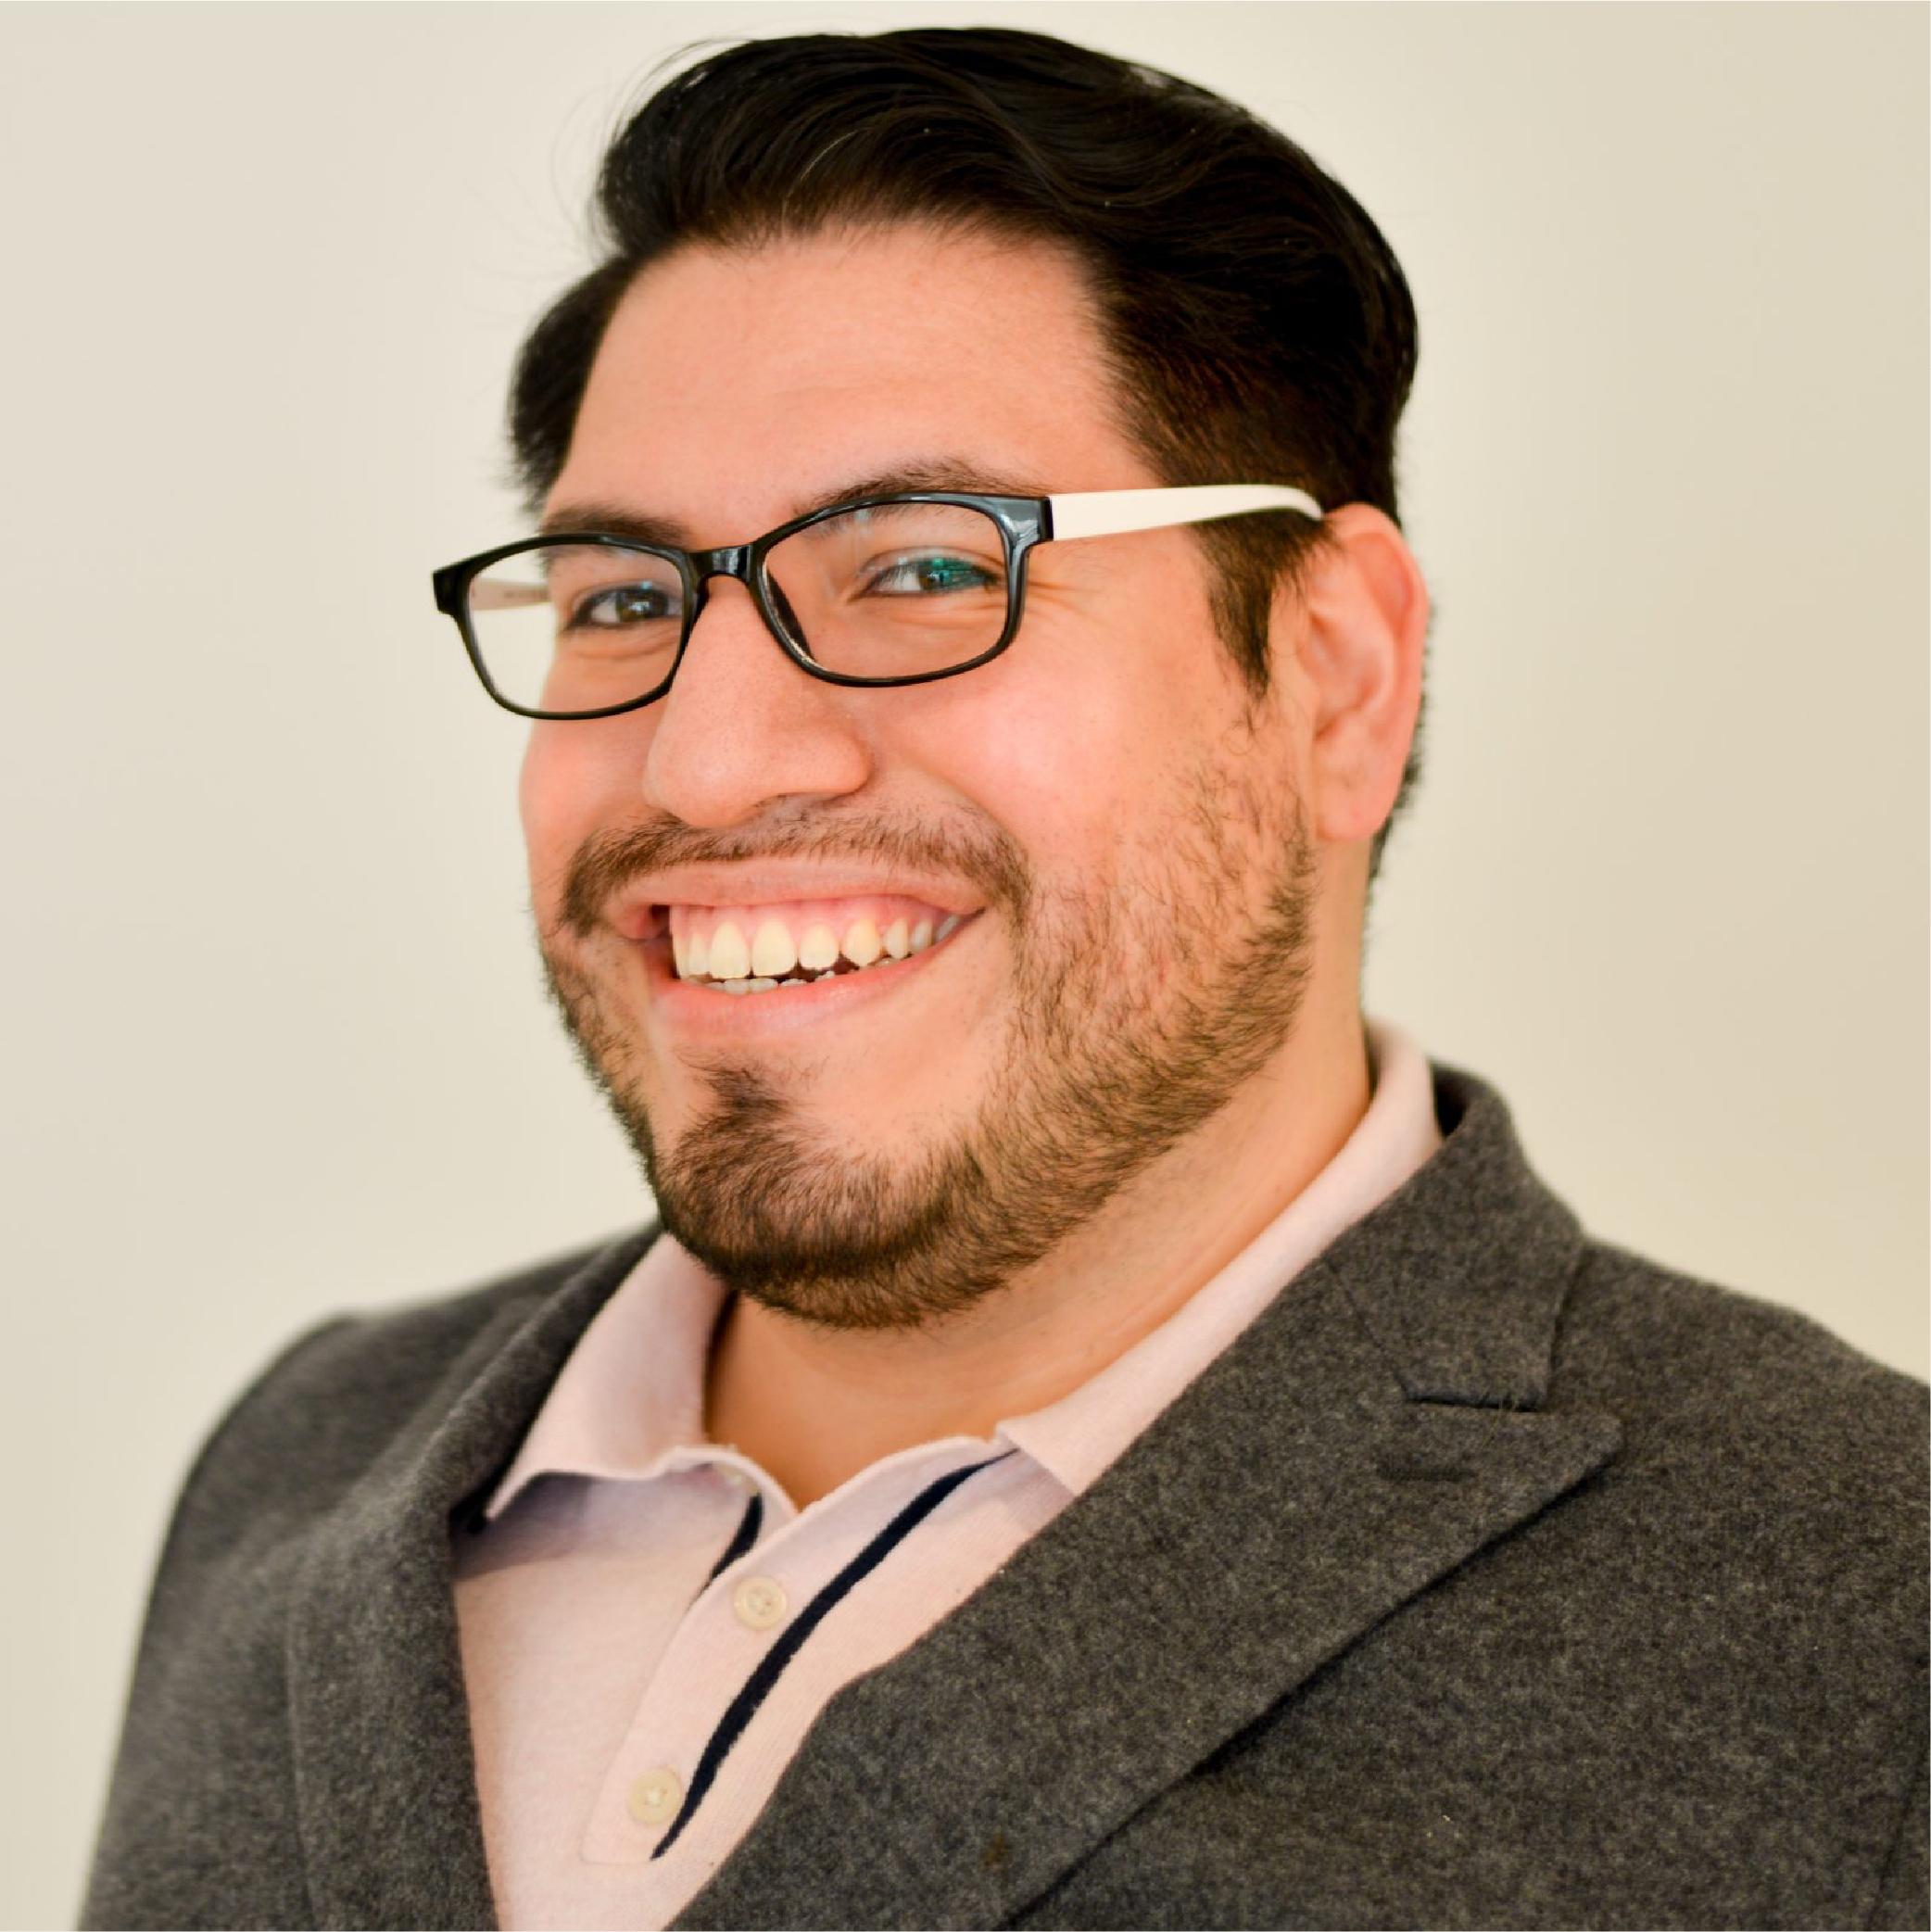 portrait of Roberto Mendez